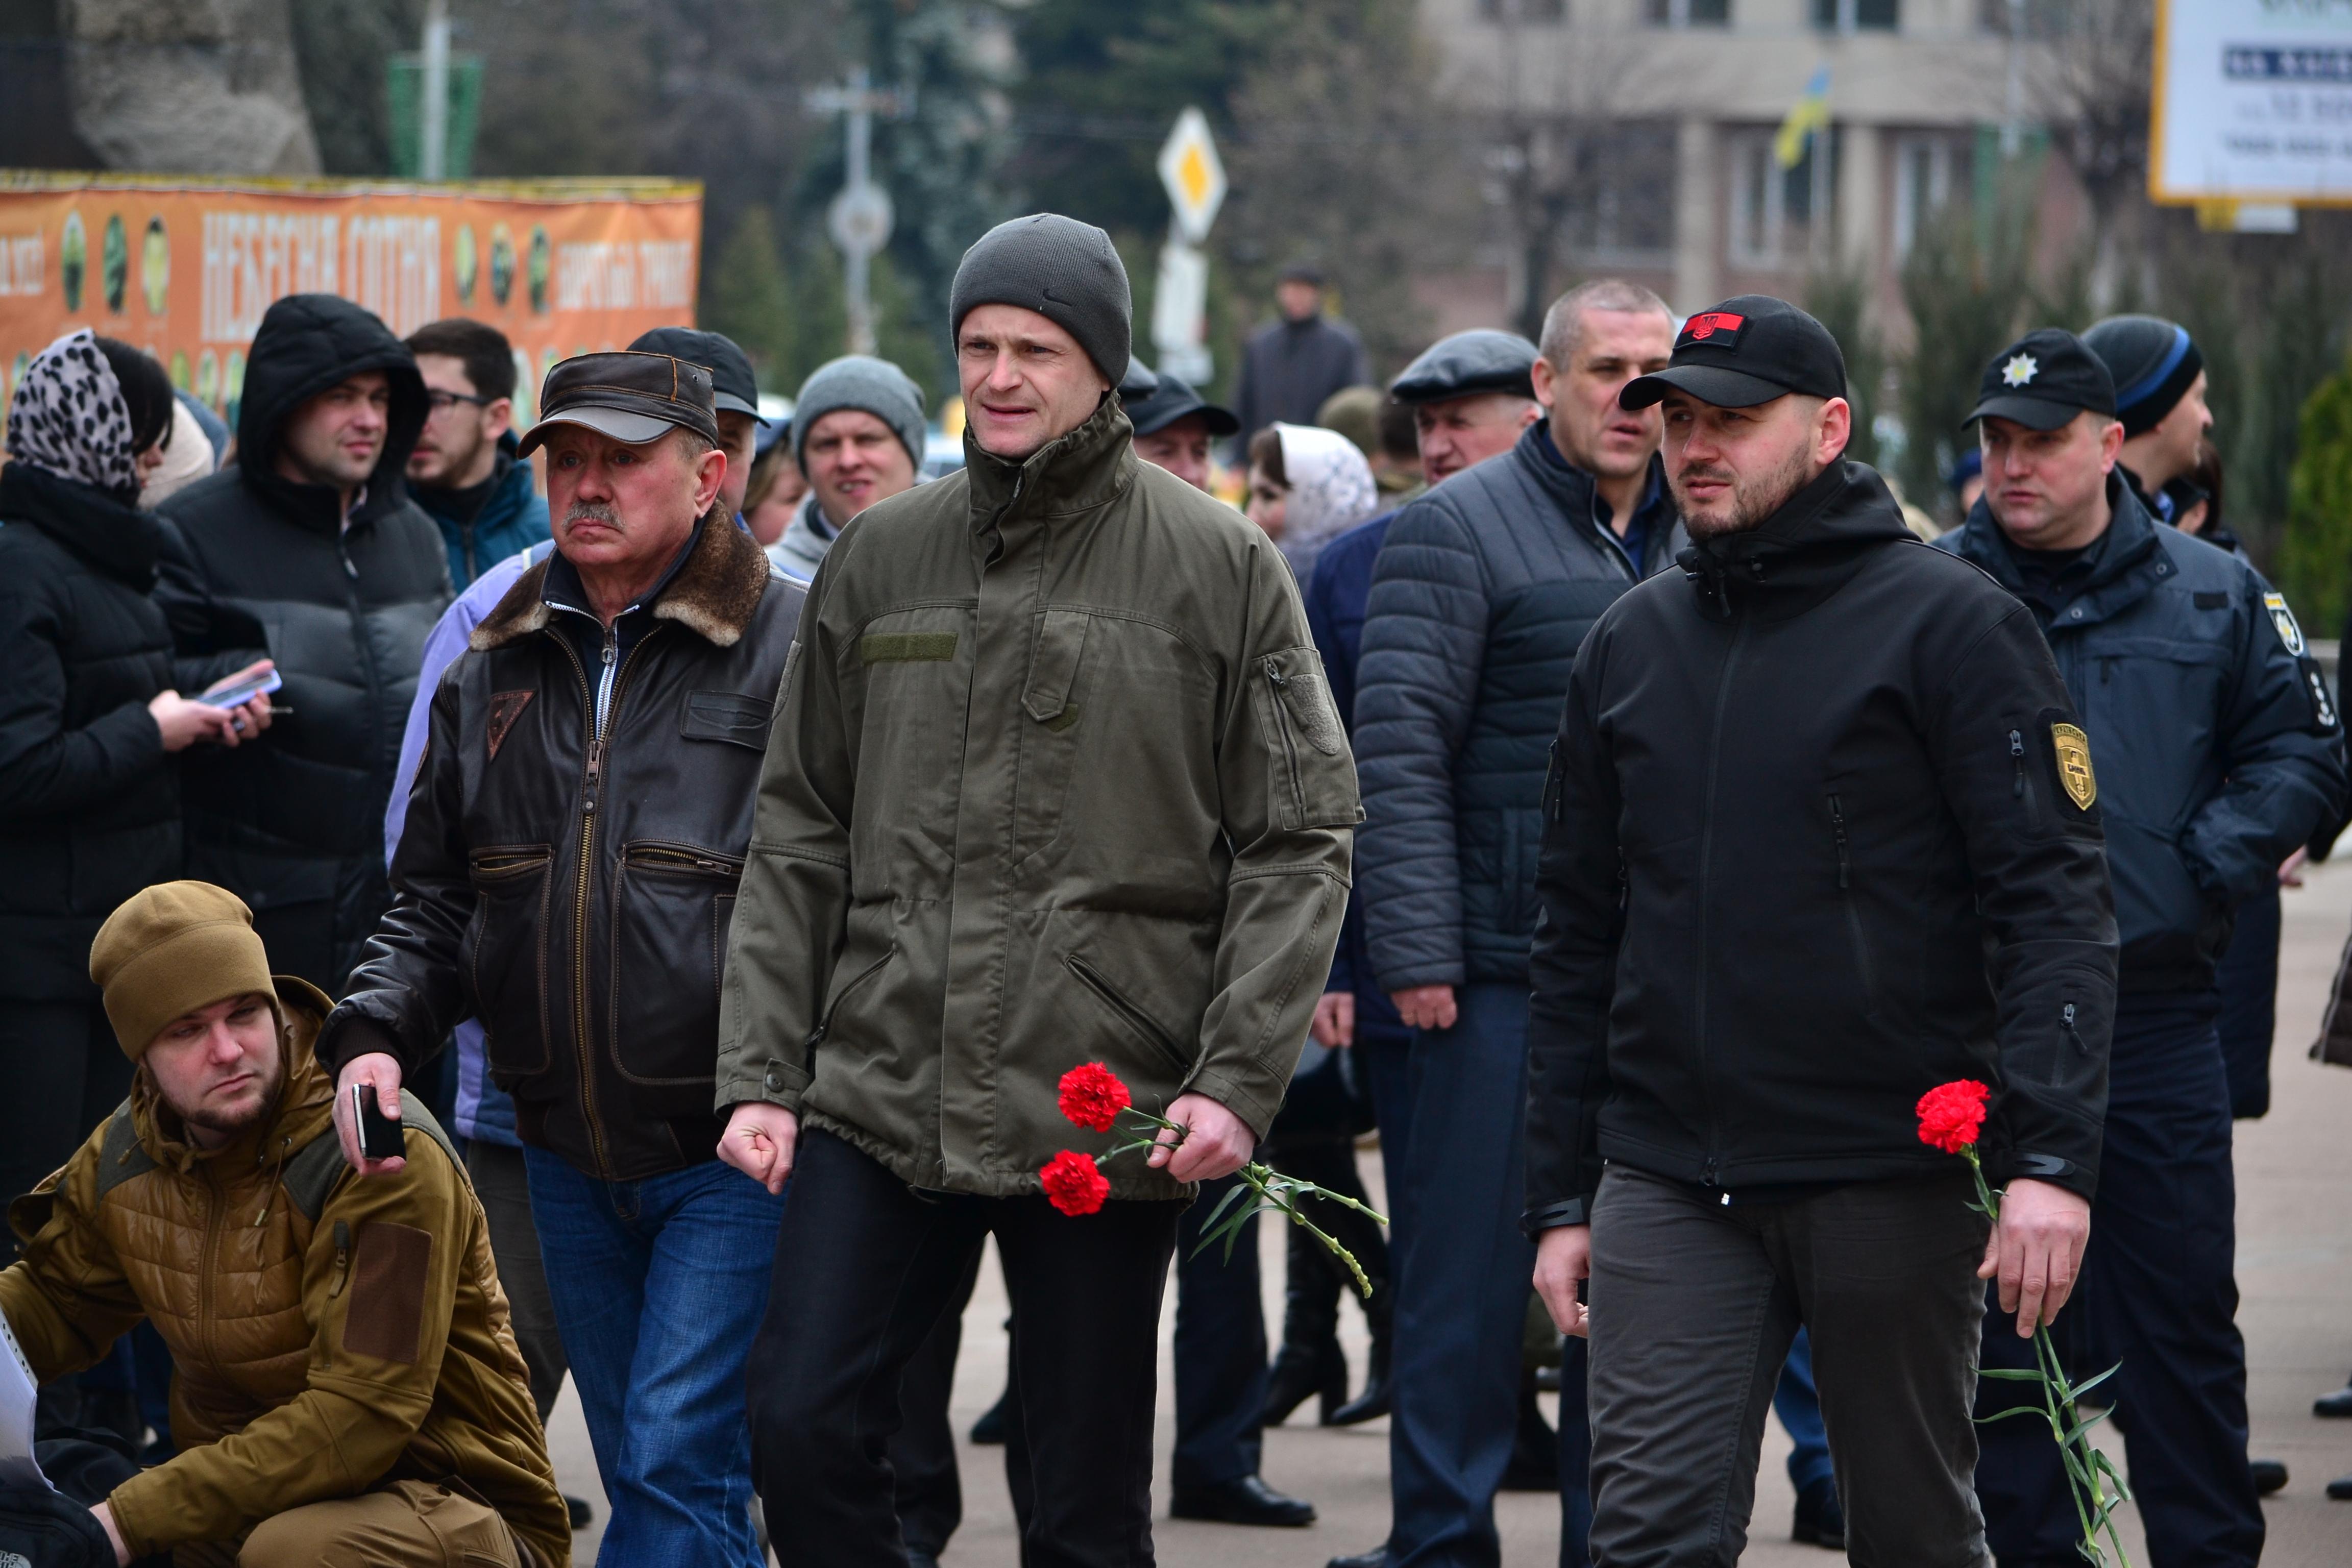 DSC 0841 1 - Ці воїни наповнюють наші серця: в Житомирі відзначили День українського добровольця (ФОТО)